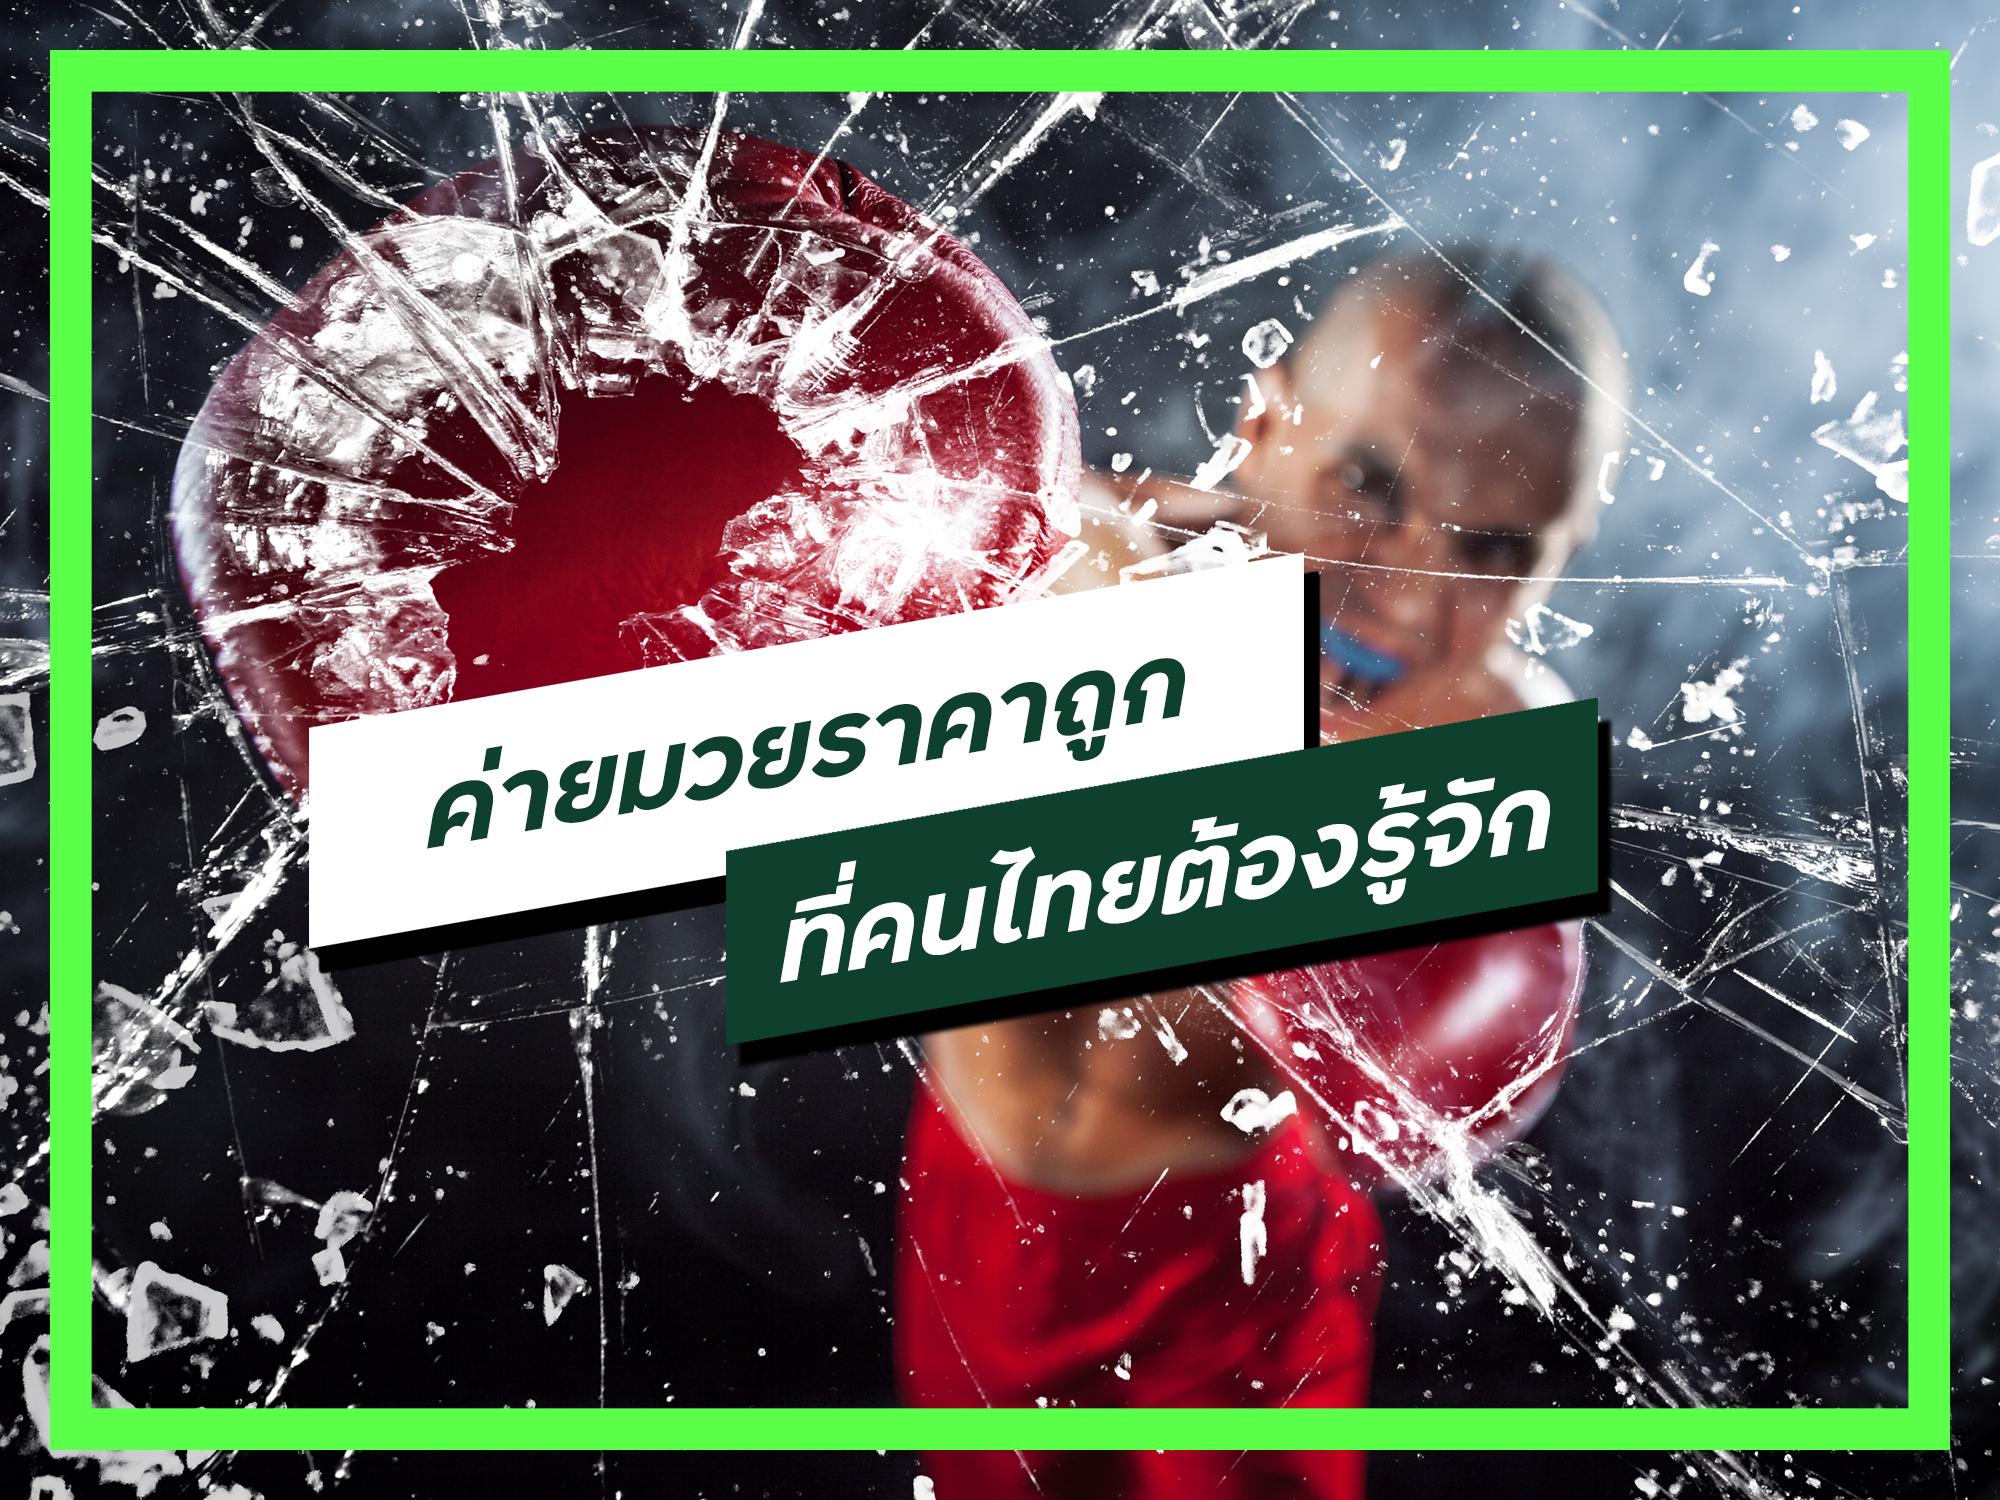 ค่ายมวยราคาถูก ที่คนไทยต้องรู้จัก